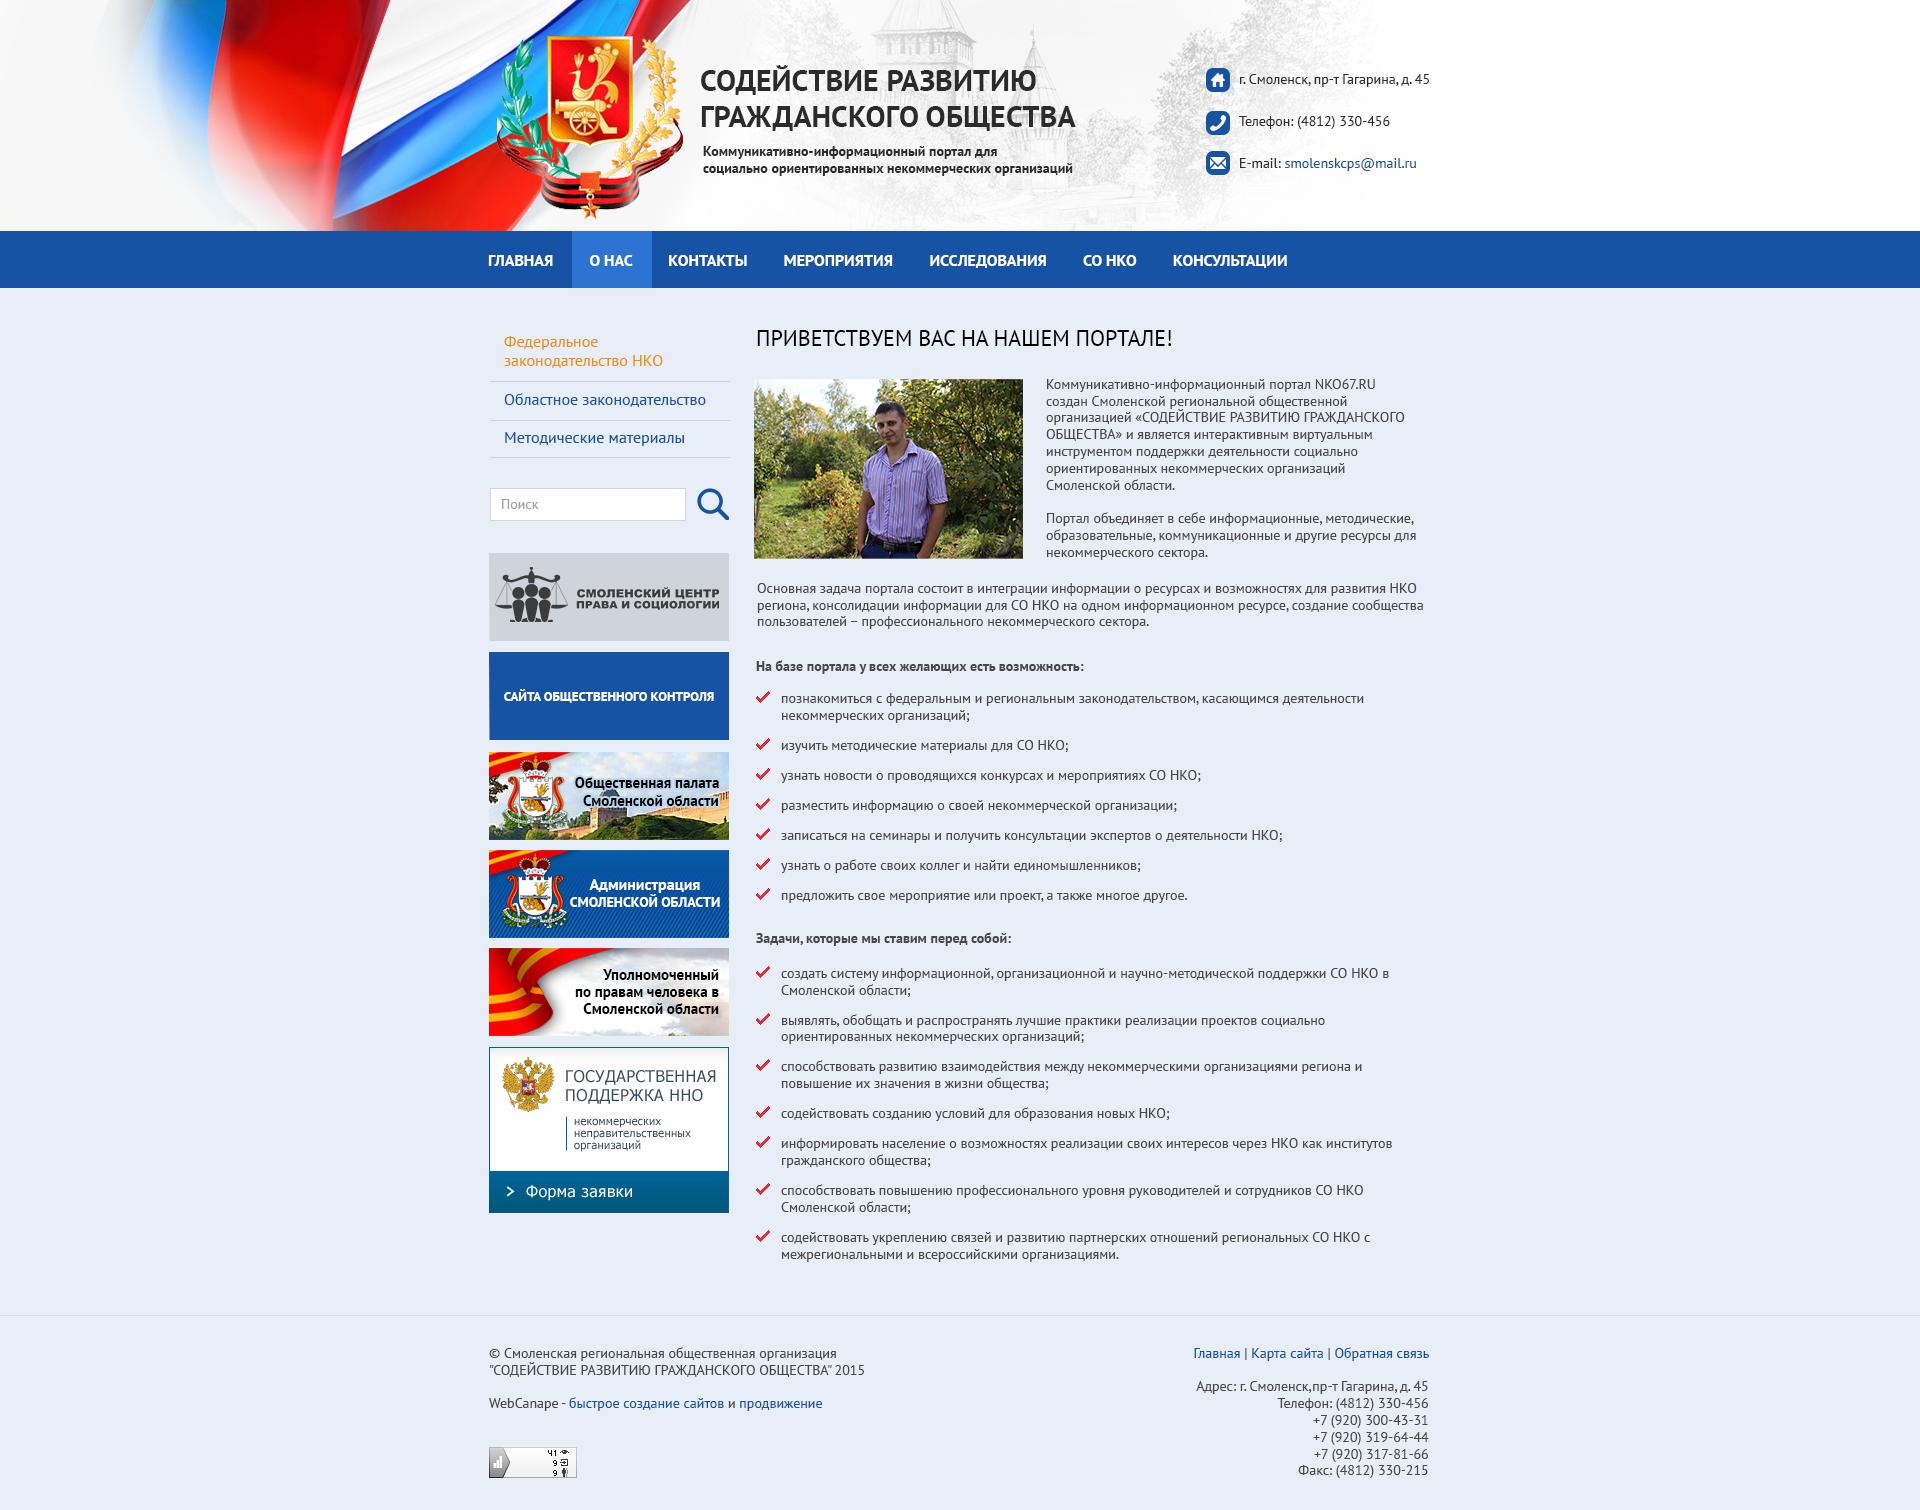 Создание сайта для общественной организации по общественному контролю